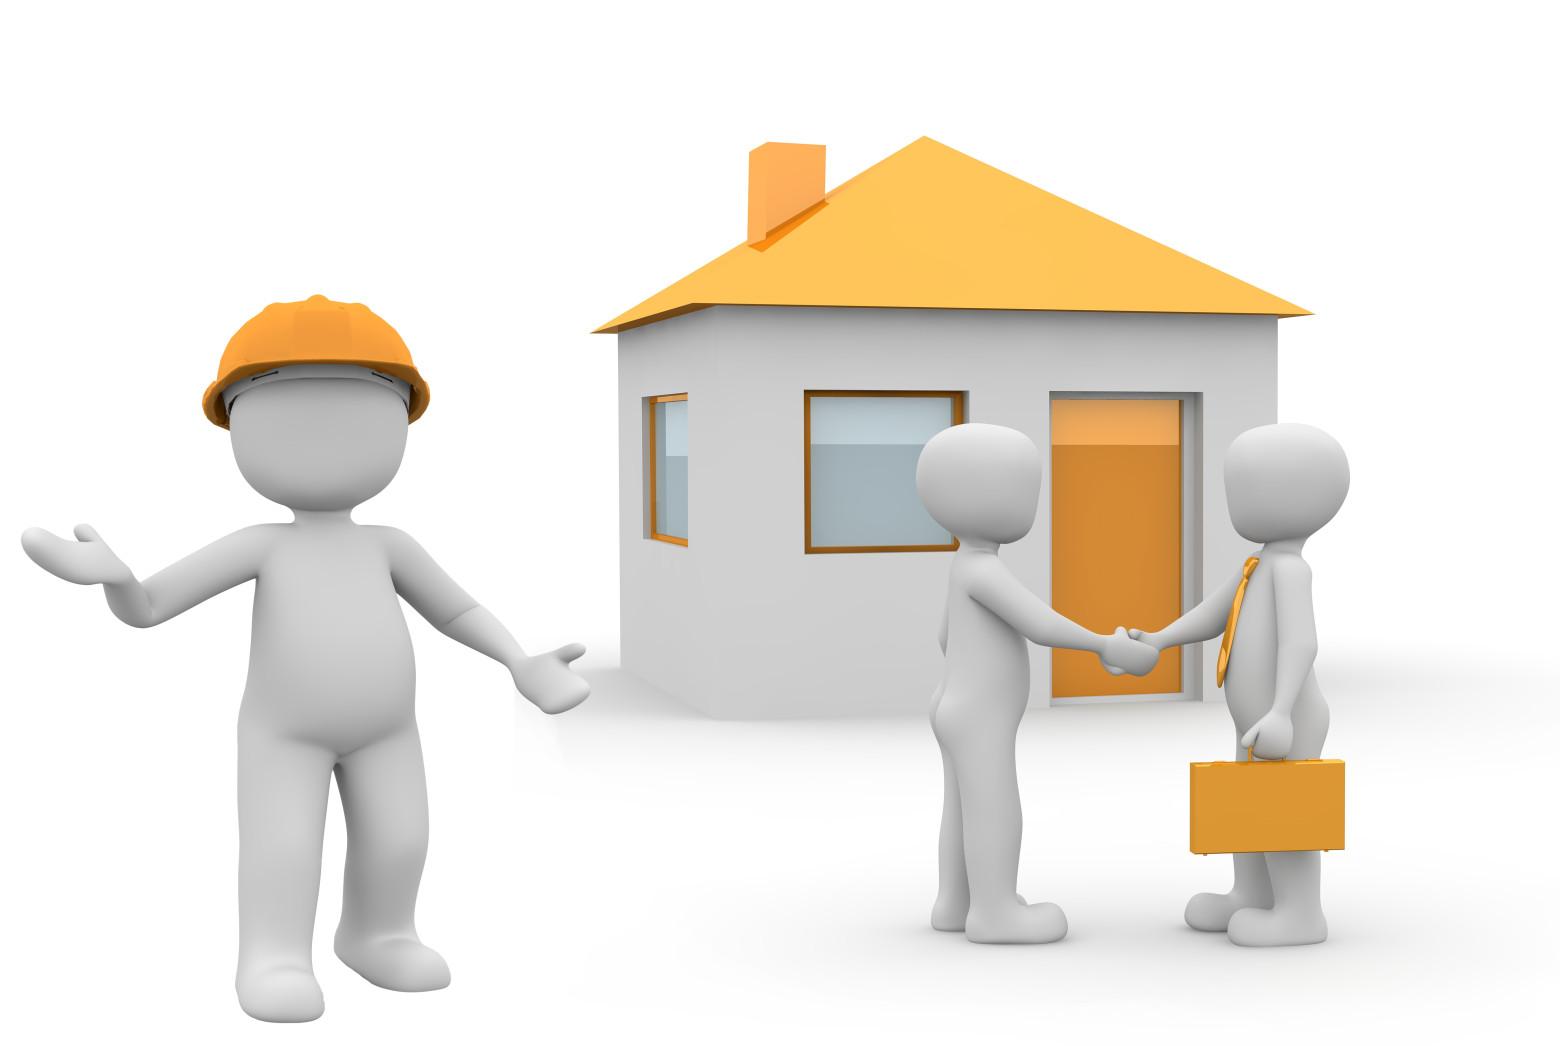 bonhomme blanc 3d maison n gociant immobilier achat vente images gratuites images gratuites et. Black Bedroom Furniture Sets. Home Design Ideas